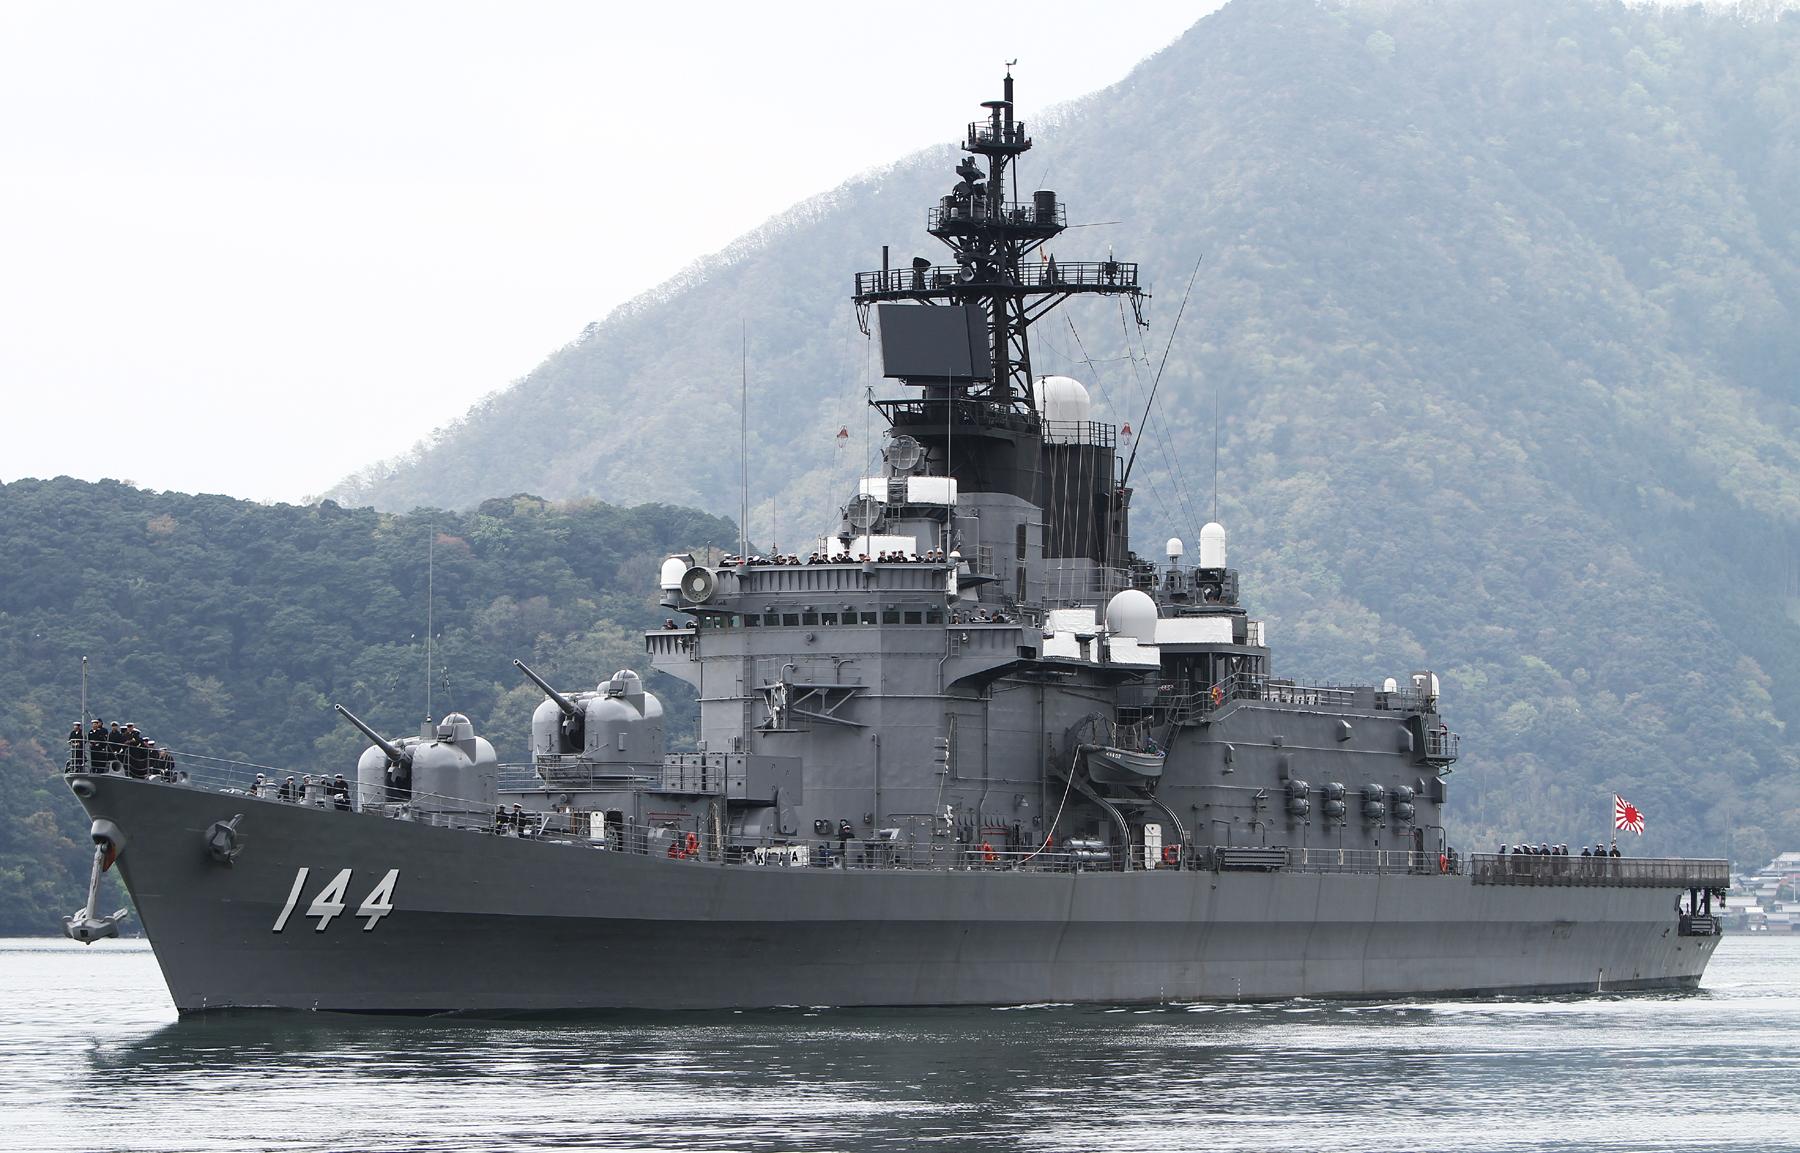 2015年4月19日舞鶴に入港するくらまJS Kurama DDH144